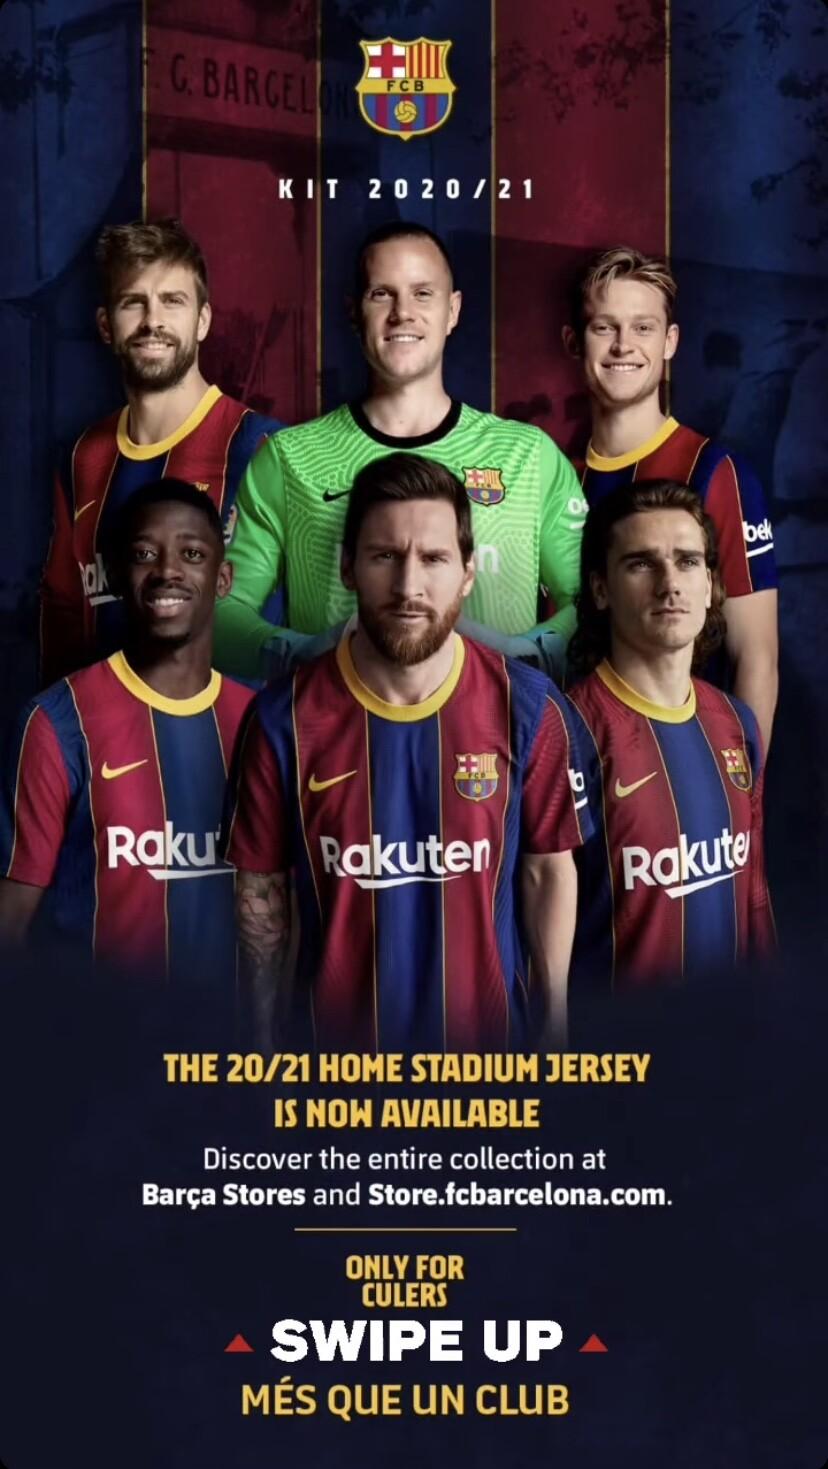 Nueva camiseta del Barcelona